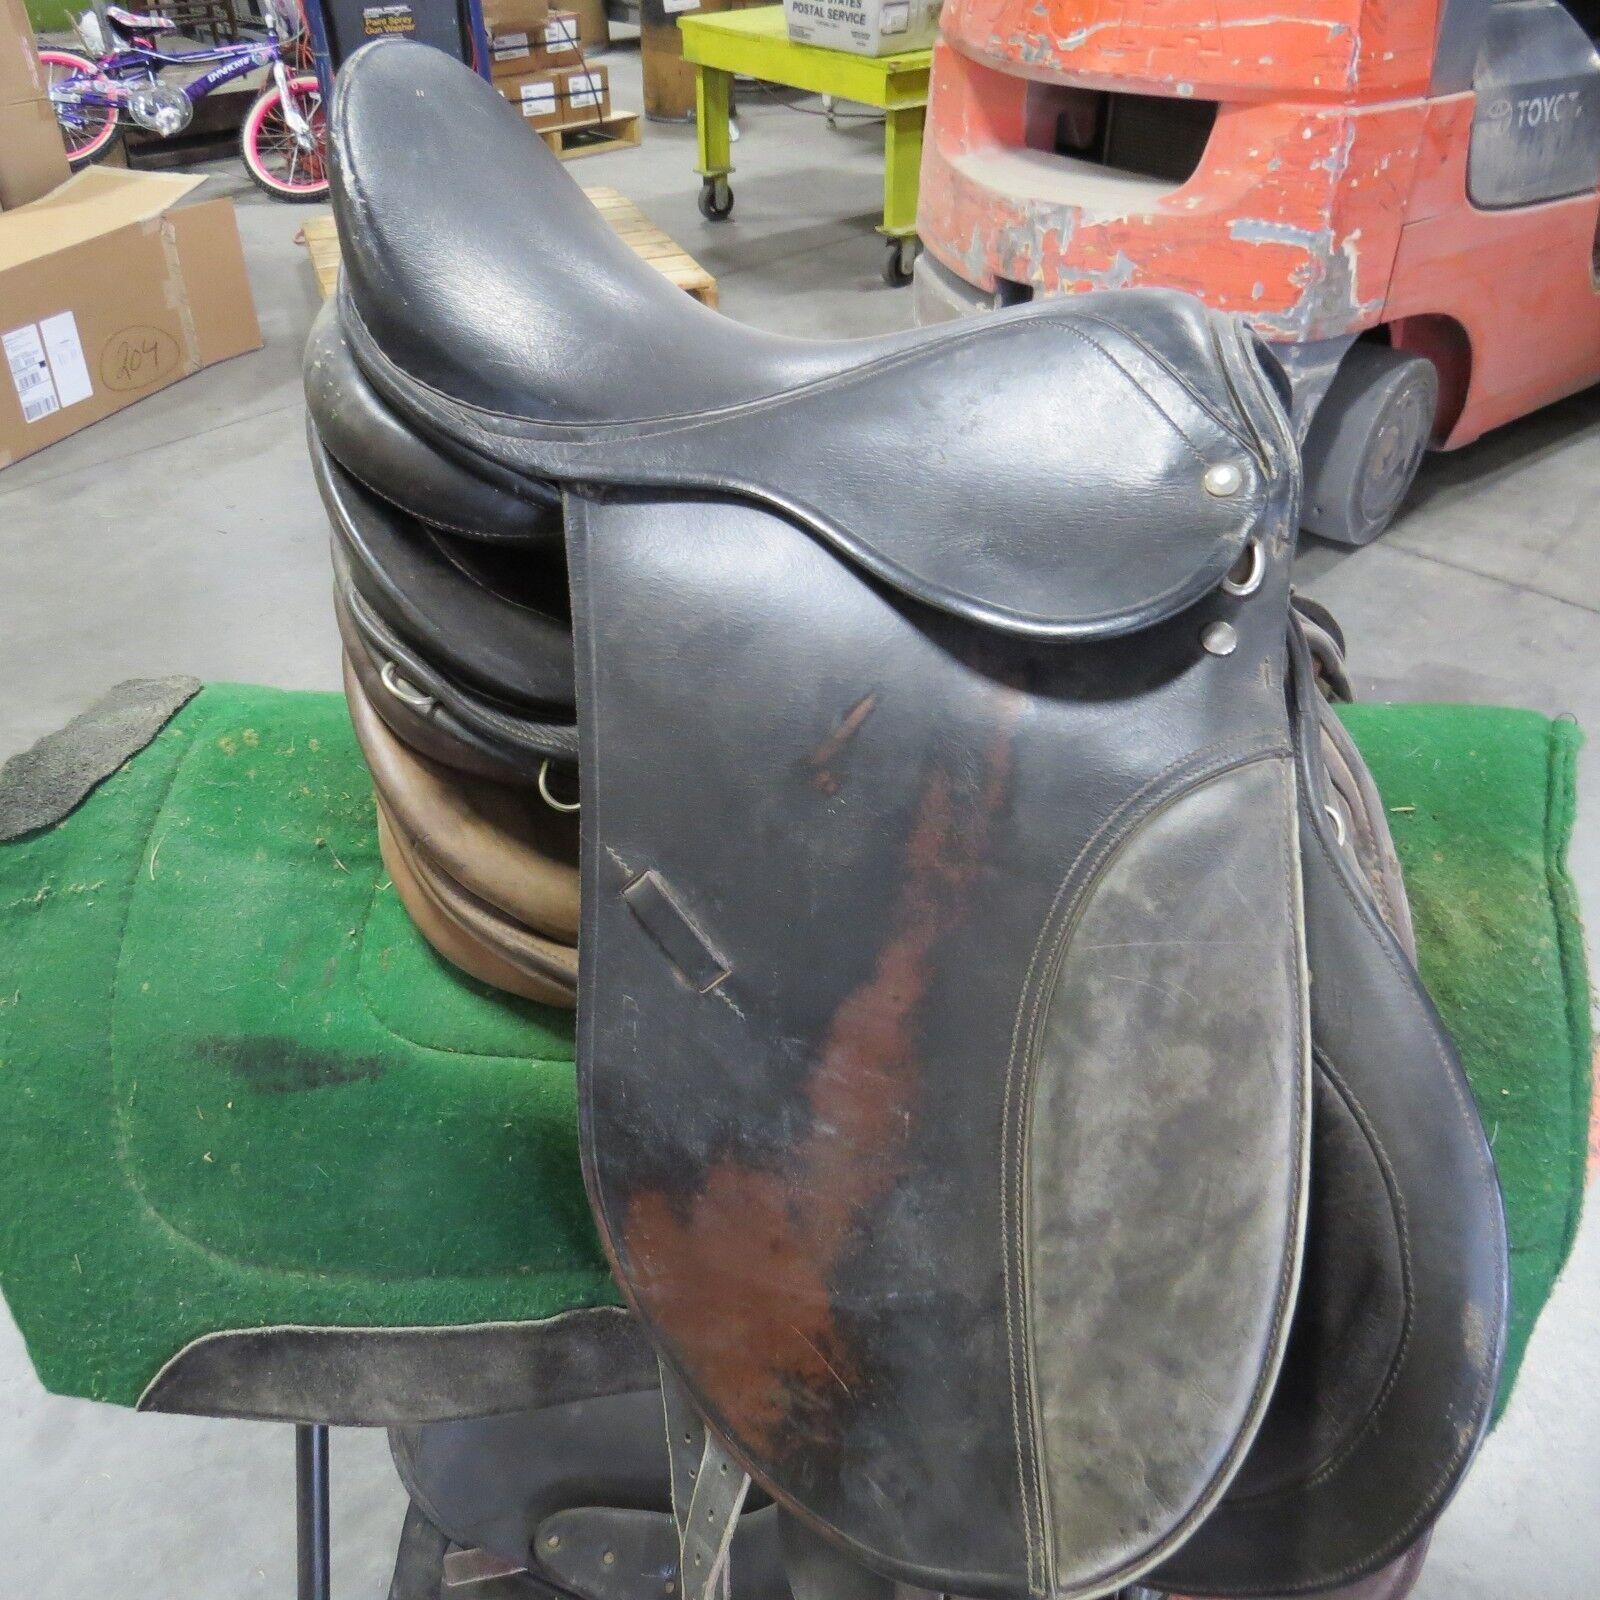 Ascot Englisch Schwarz Leder A/P Englisch Ascot Sattel 45.7cm 41d749